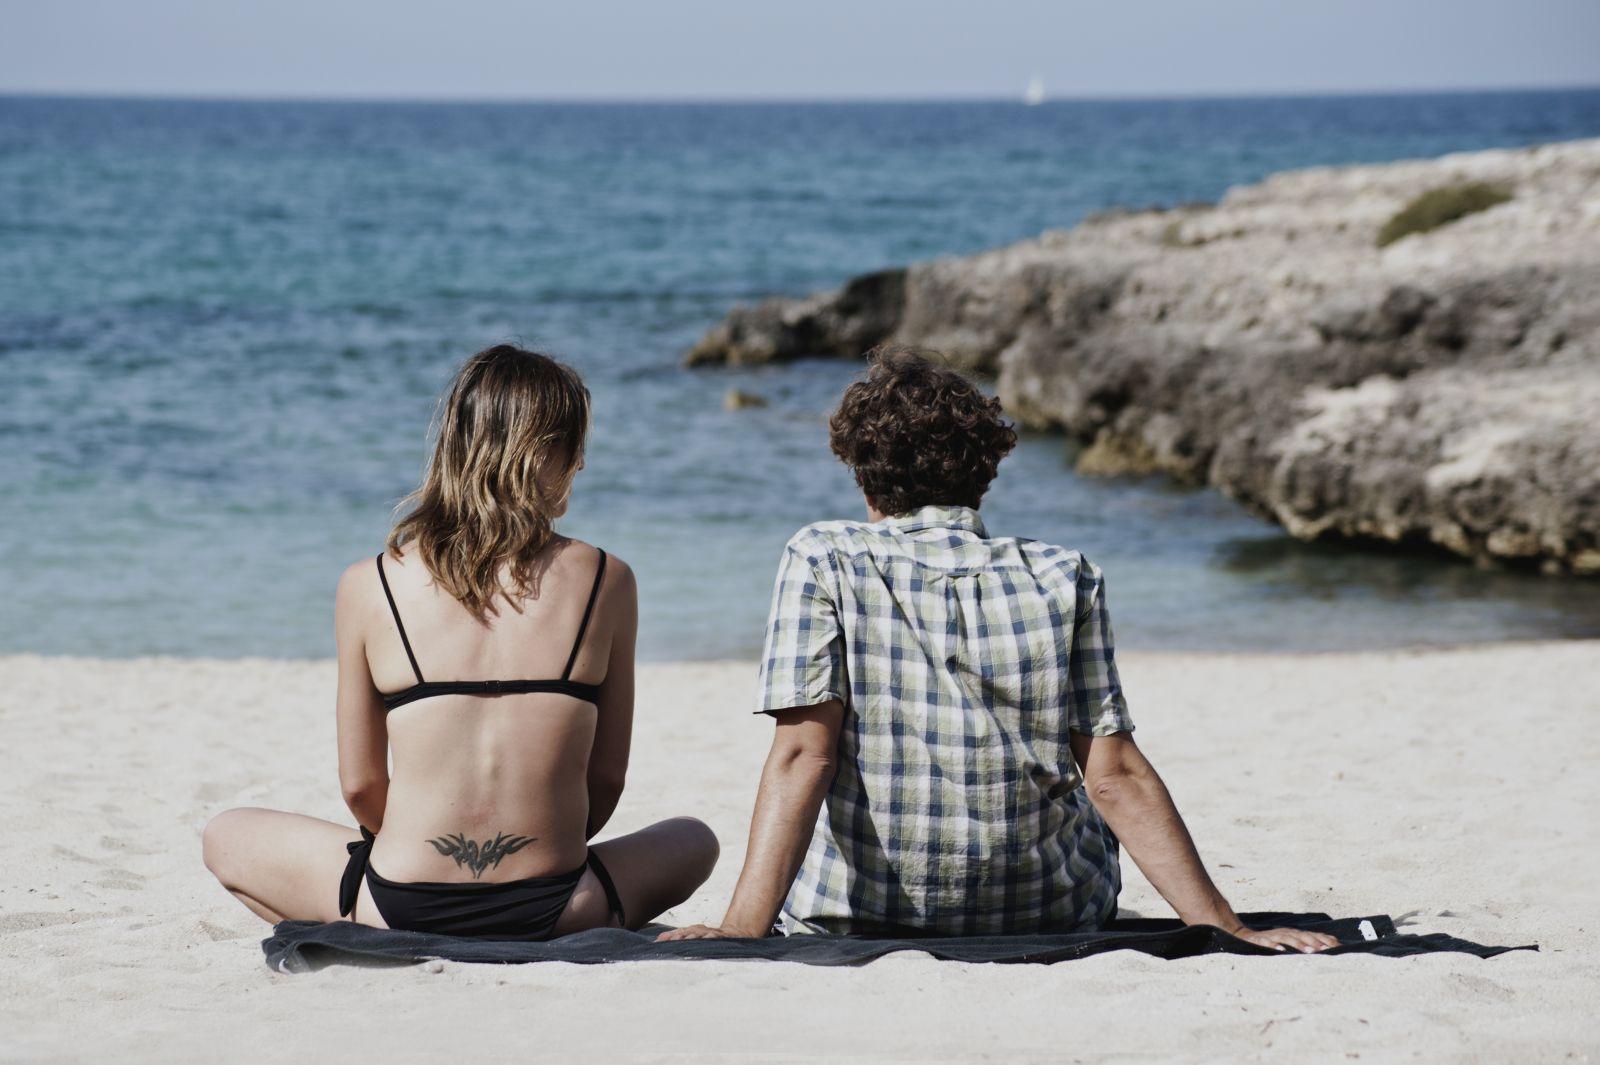 La prima luce: Daniela Ramirez e Riccardo Scamarcio di spalle in una scena del film